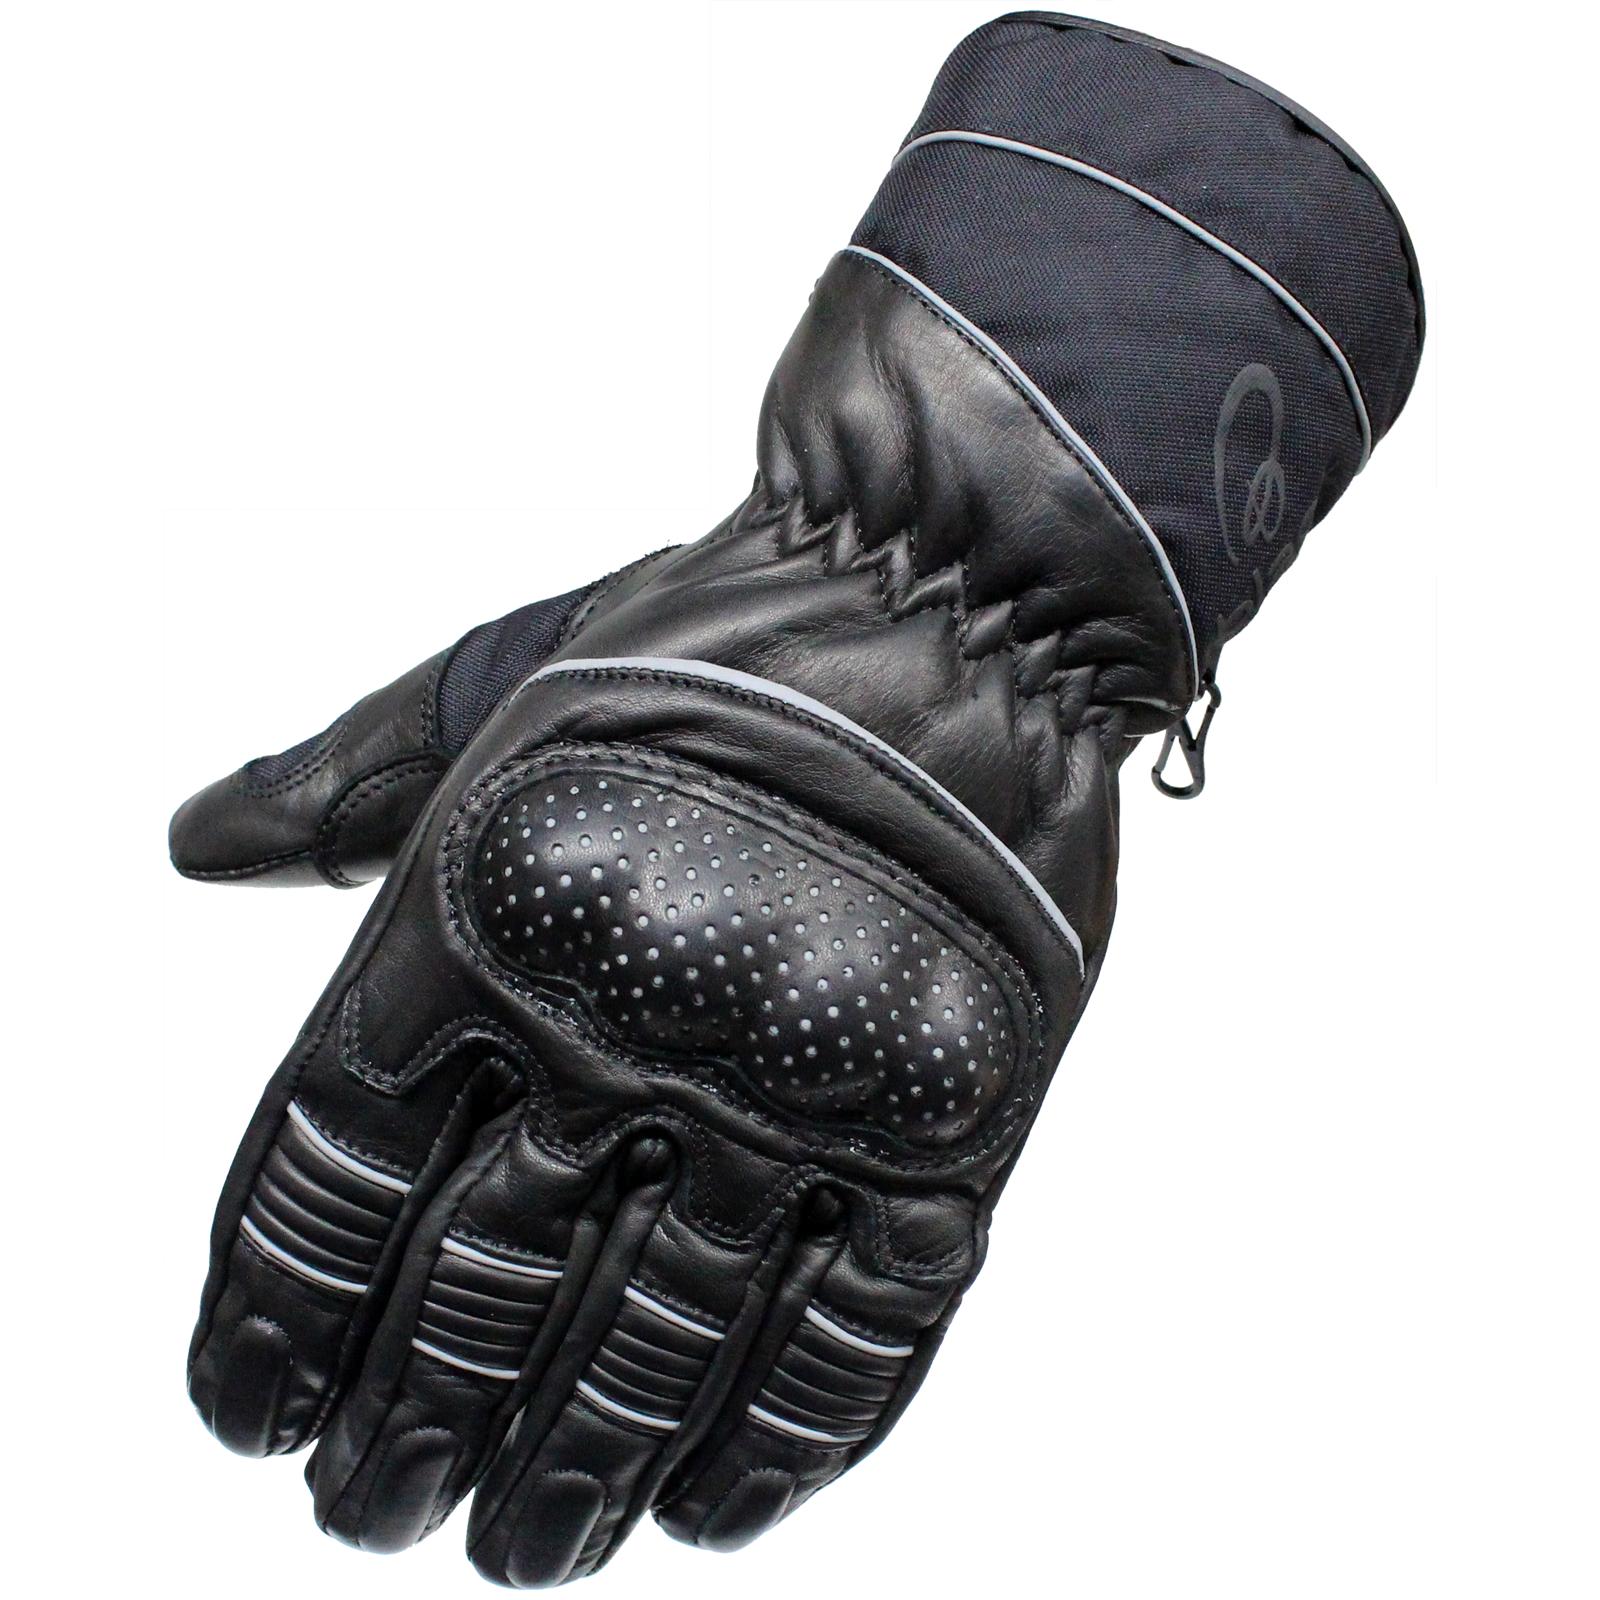 Black vector leather motorcycle motorbike waterproof all season